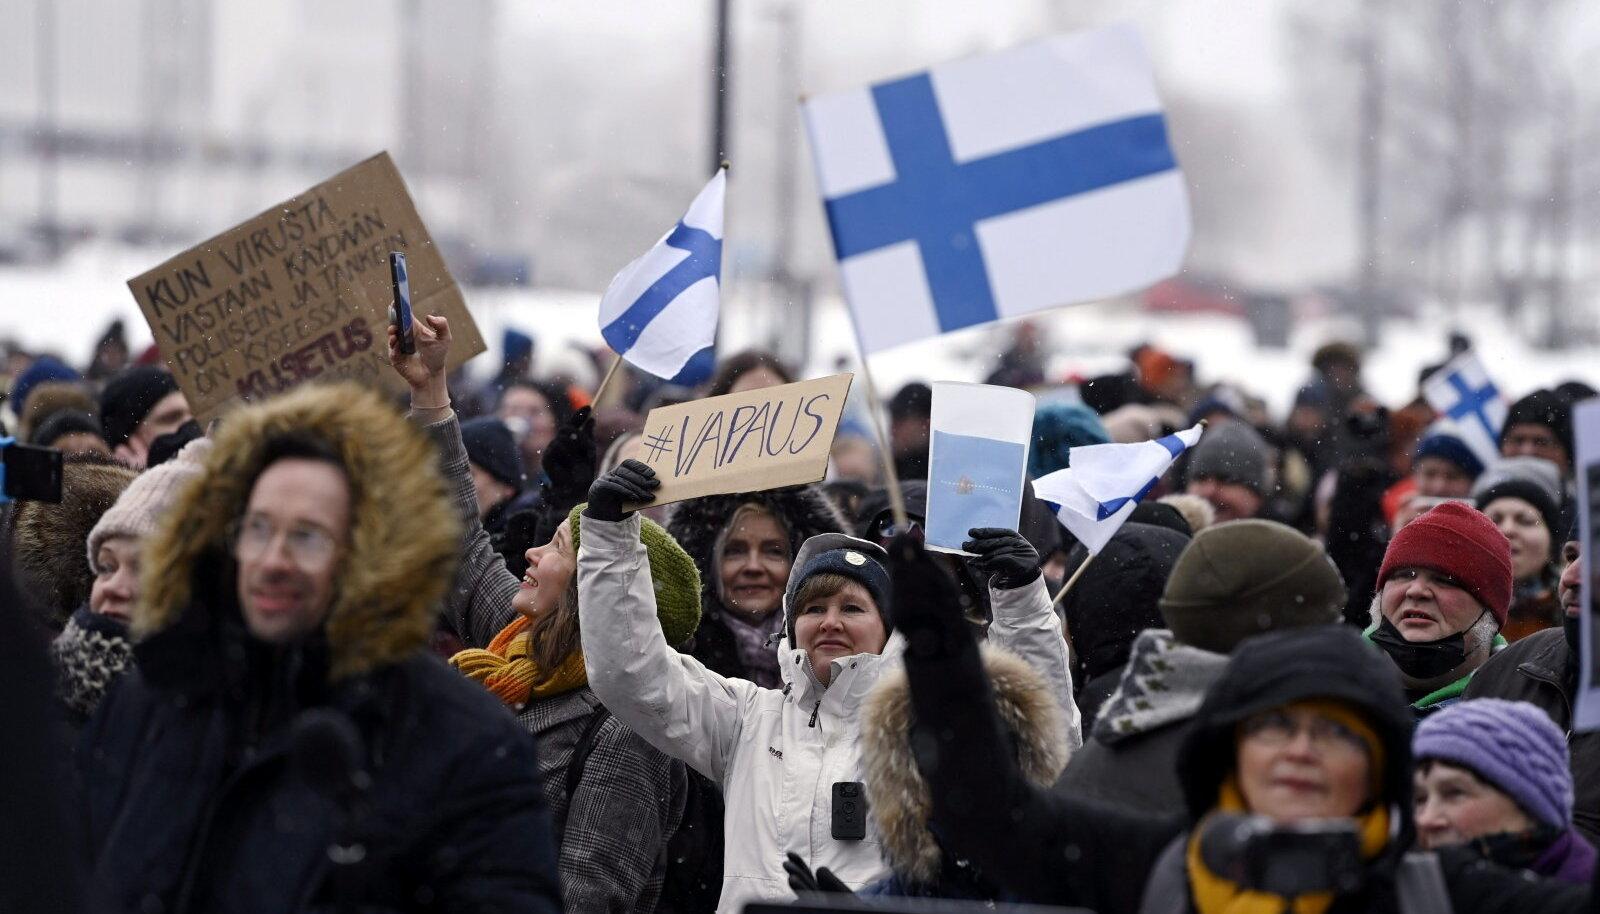 Laupäeval kogunesid Helsingis piirangute ja maskikandmise vastased.